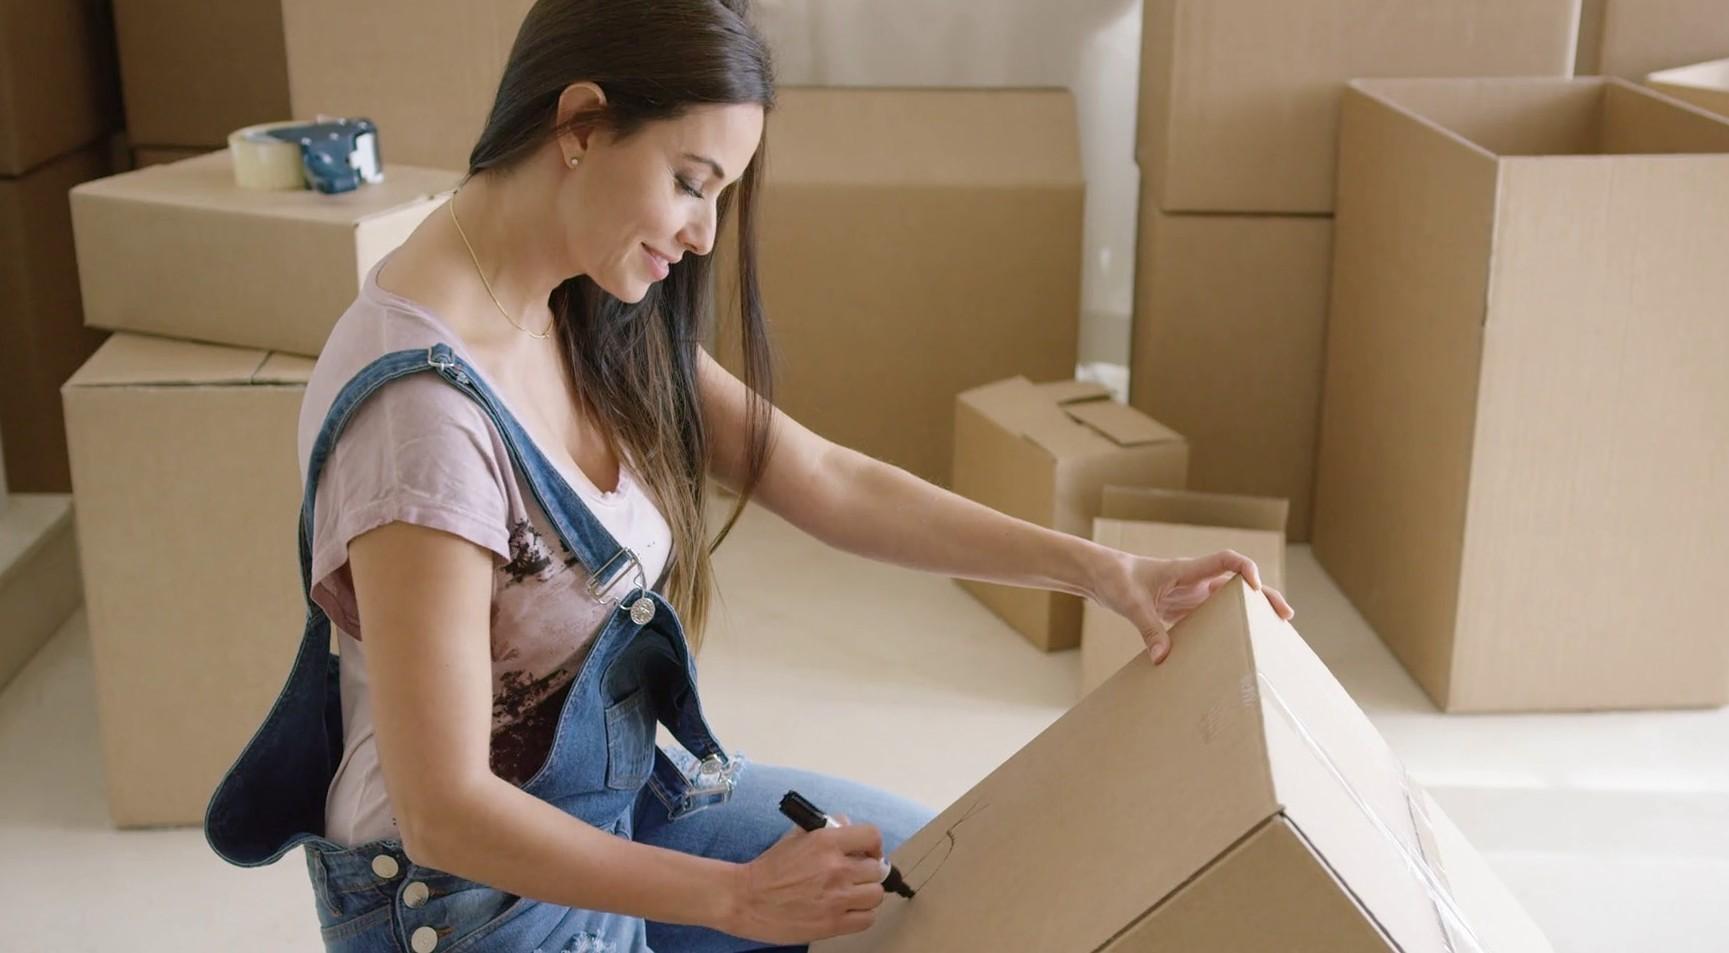 Female packing box